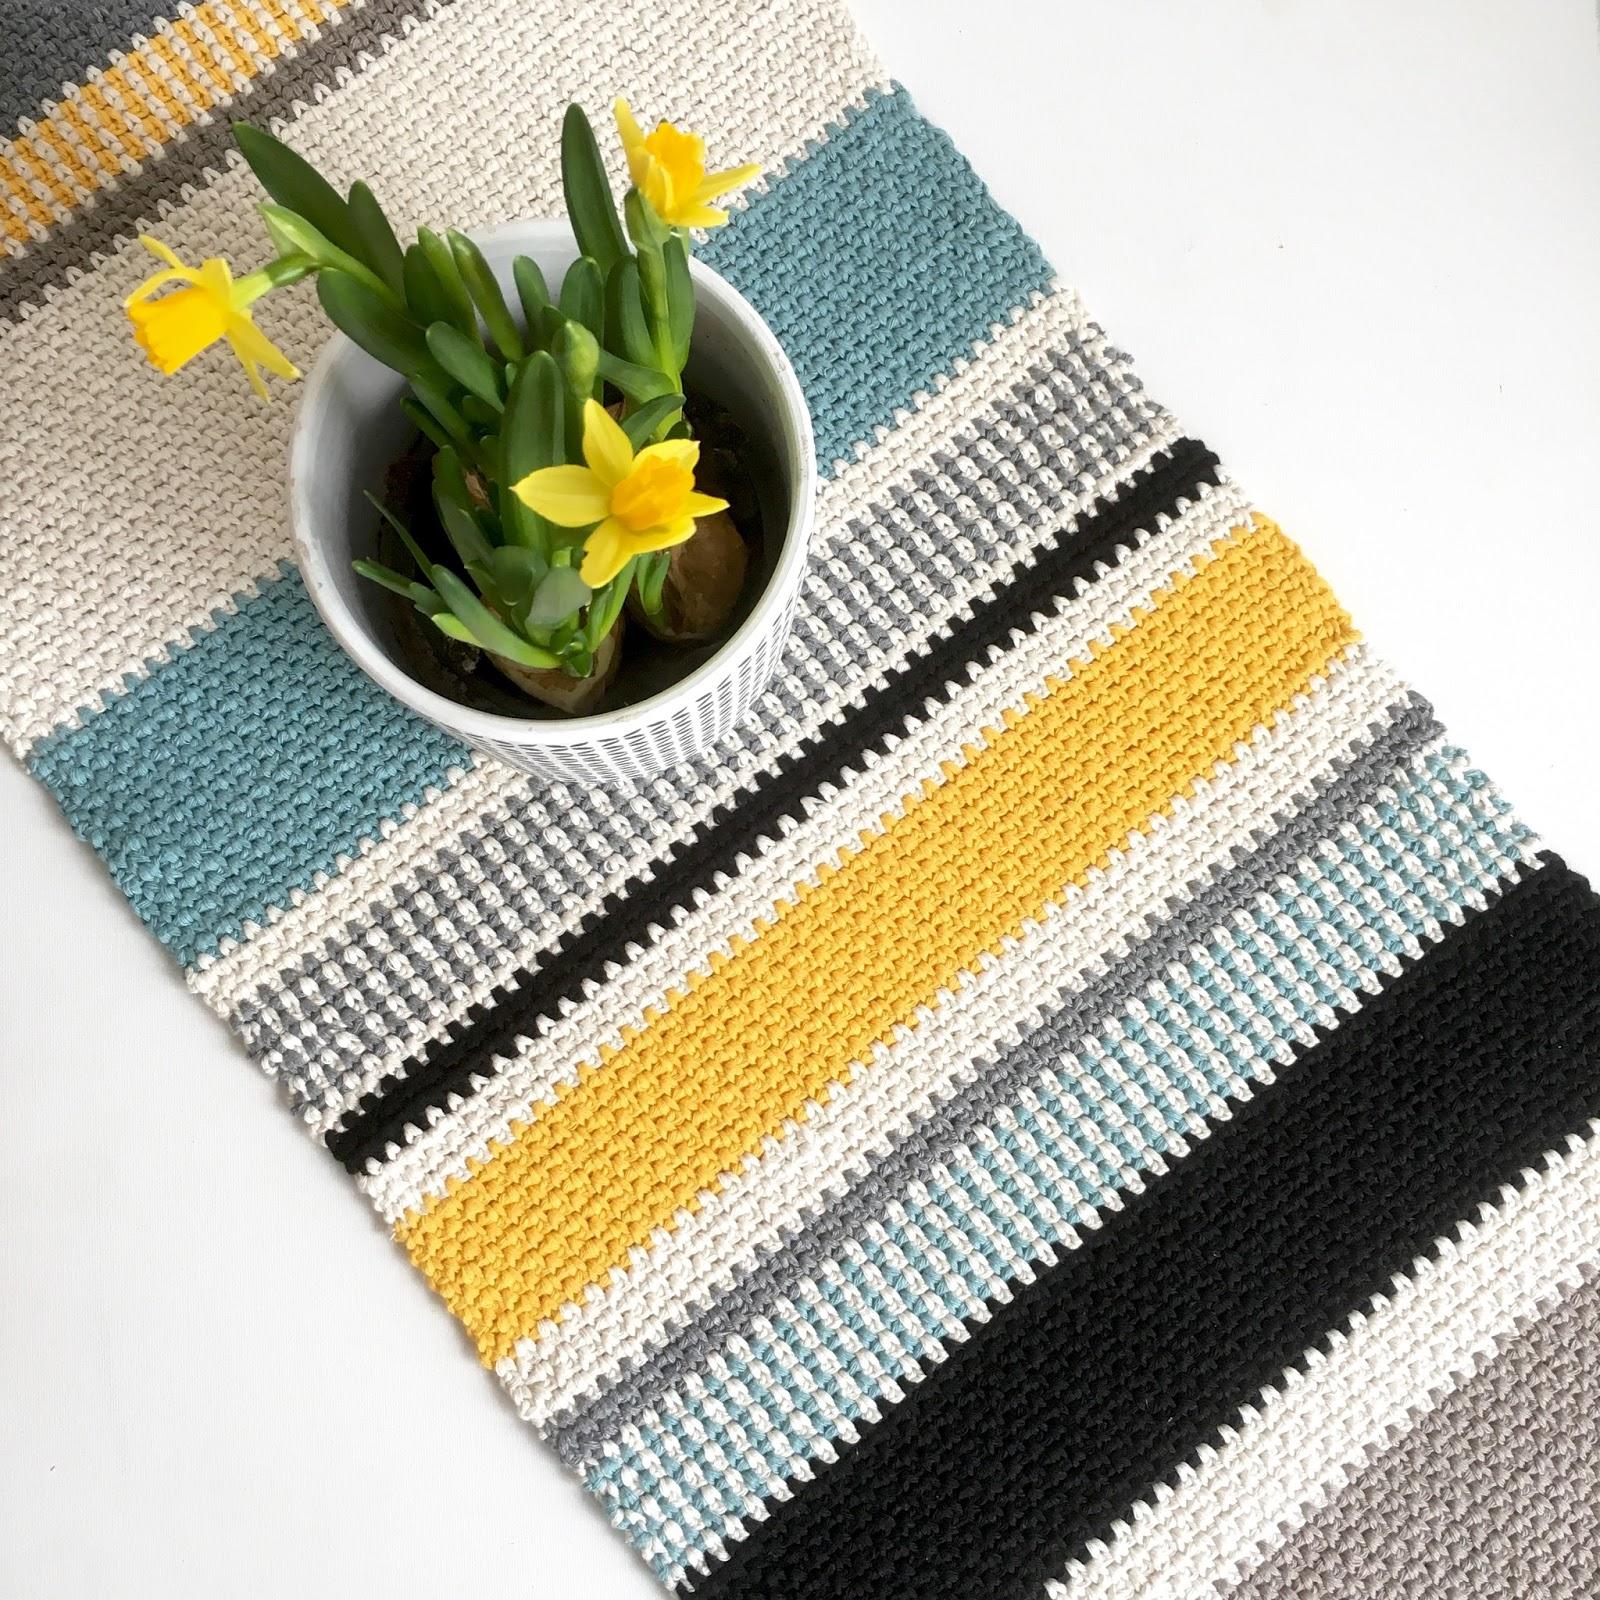 Fall Table Runner; Crochet Fall Table Runner; Crochet Table Runner; Leaf Table Runner; Gray Table Runner; Tablecloth